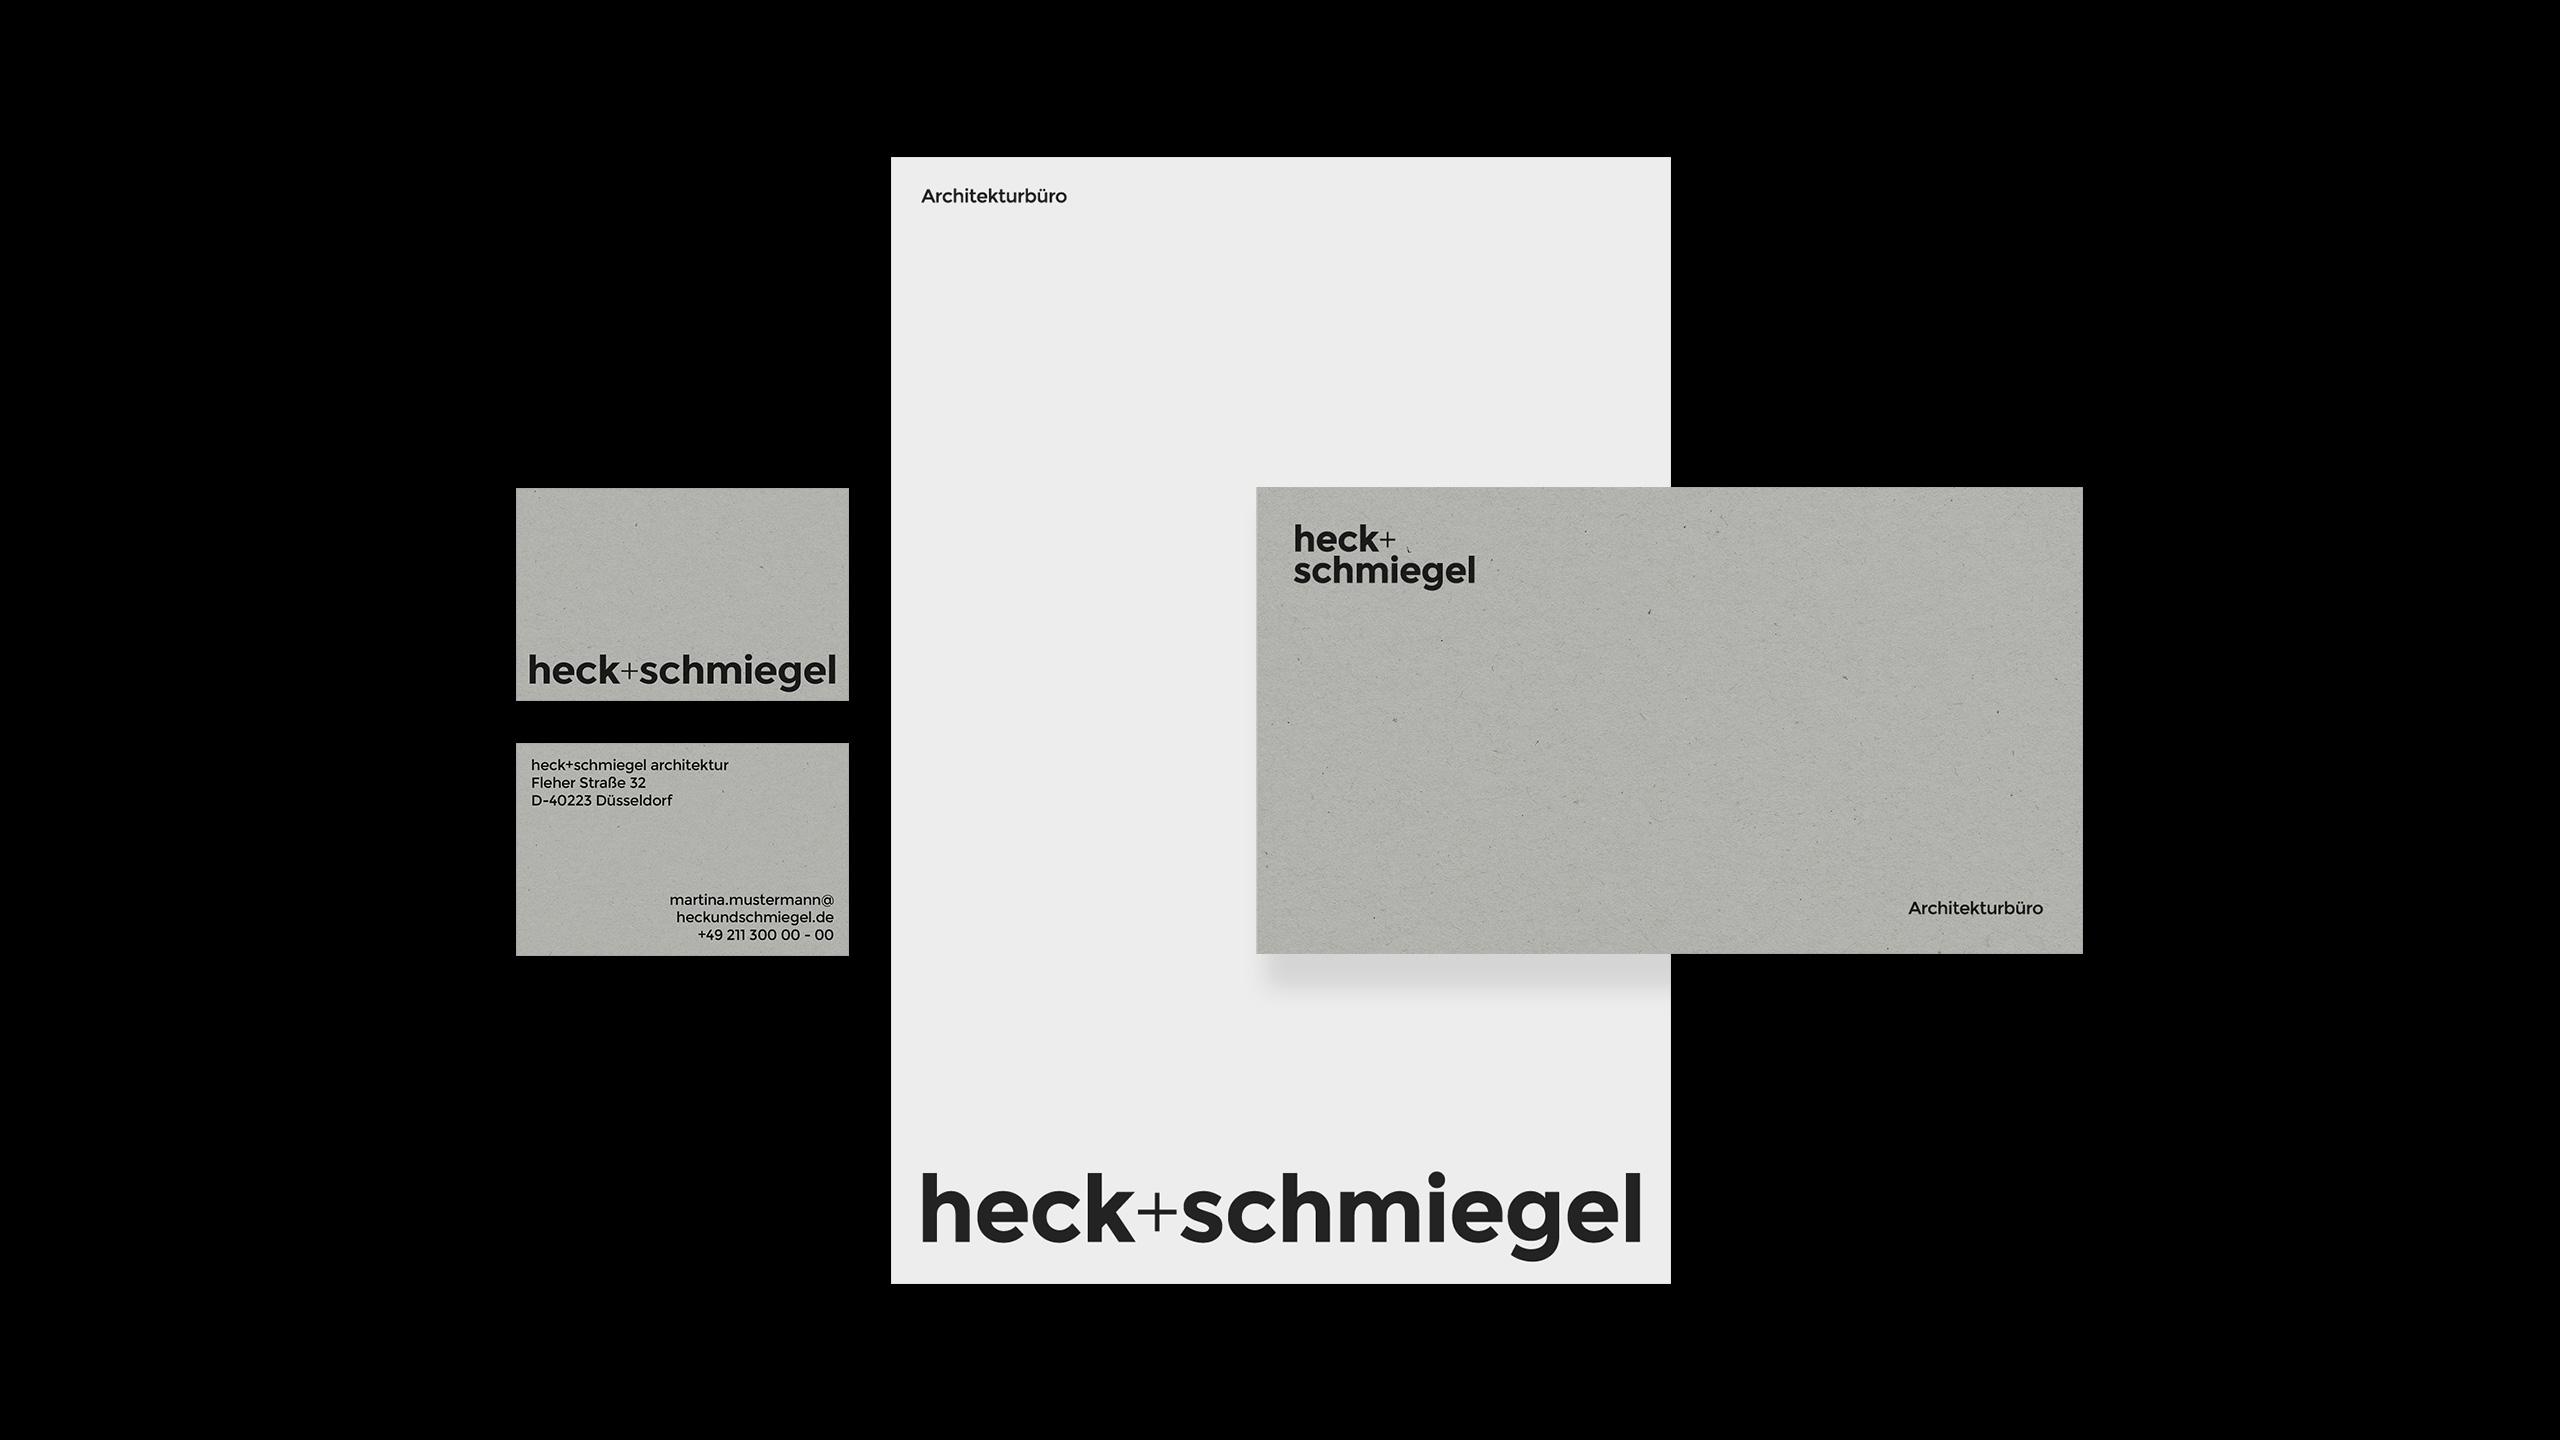 003-heckundschmiegel-architektur_high